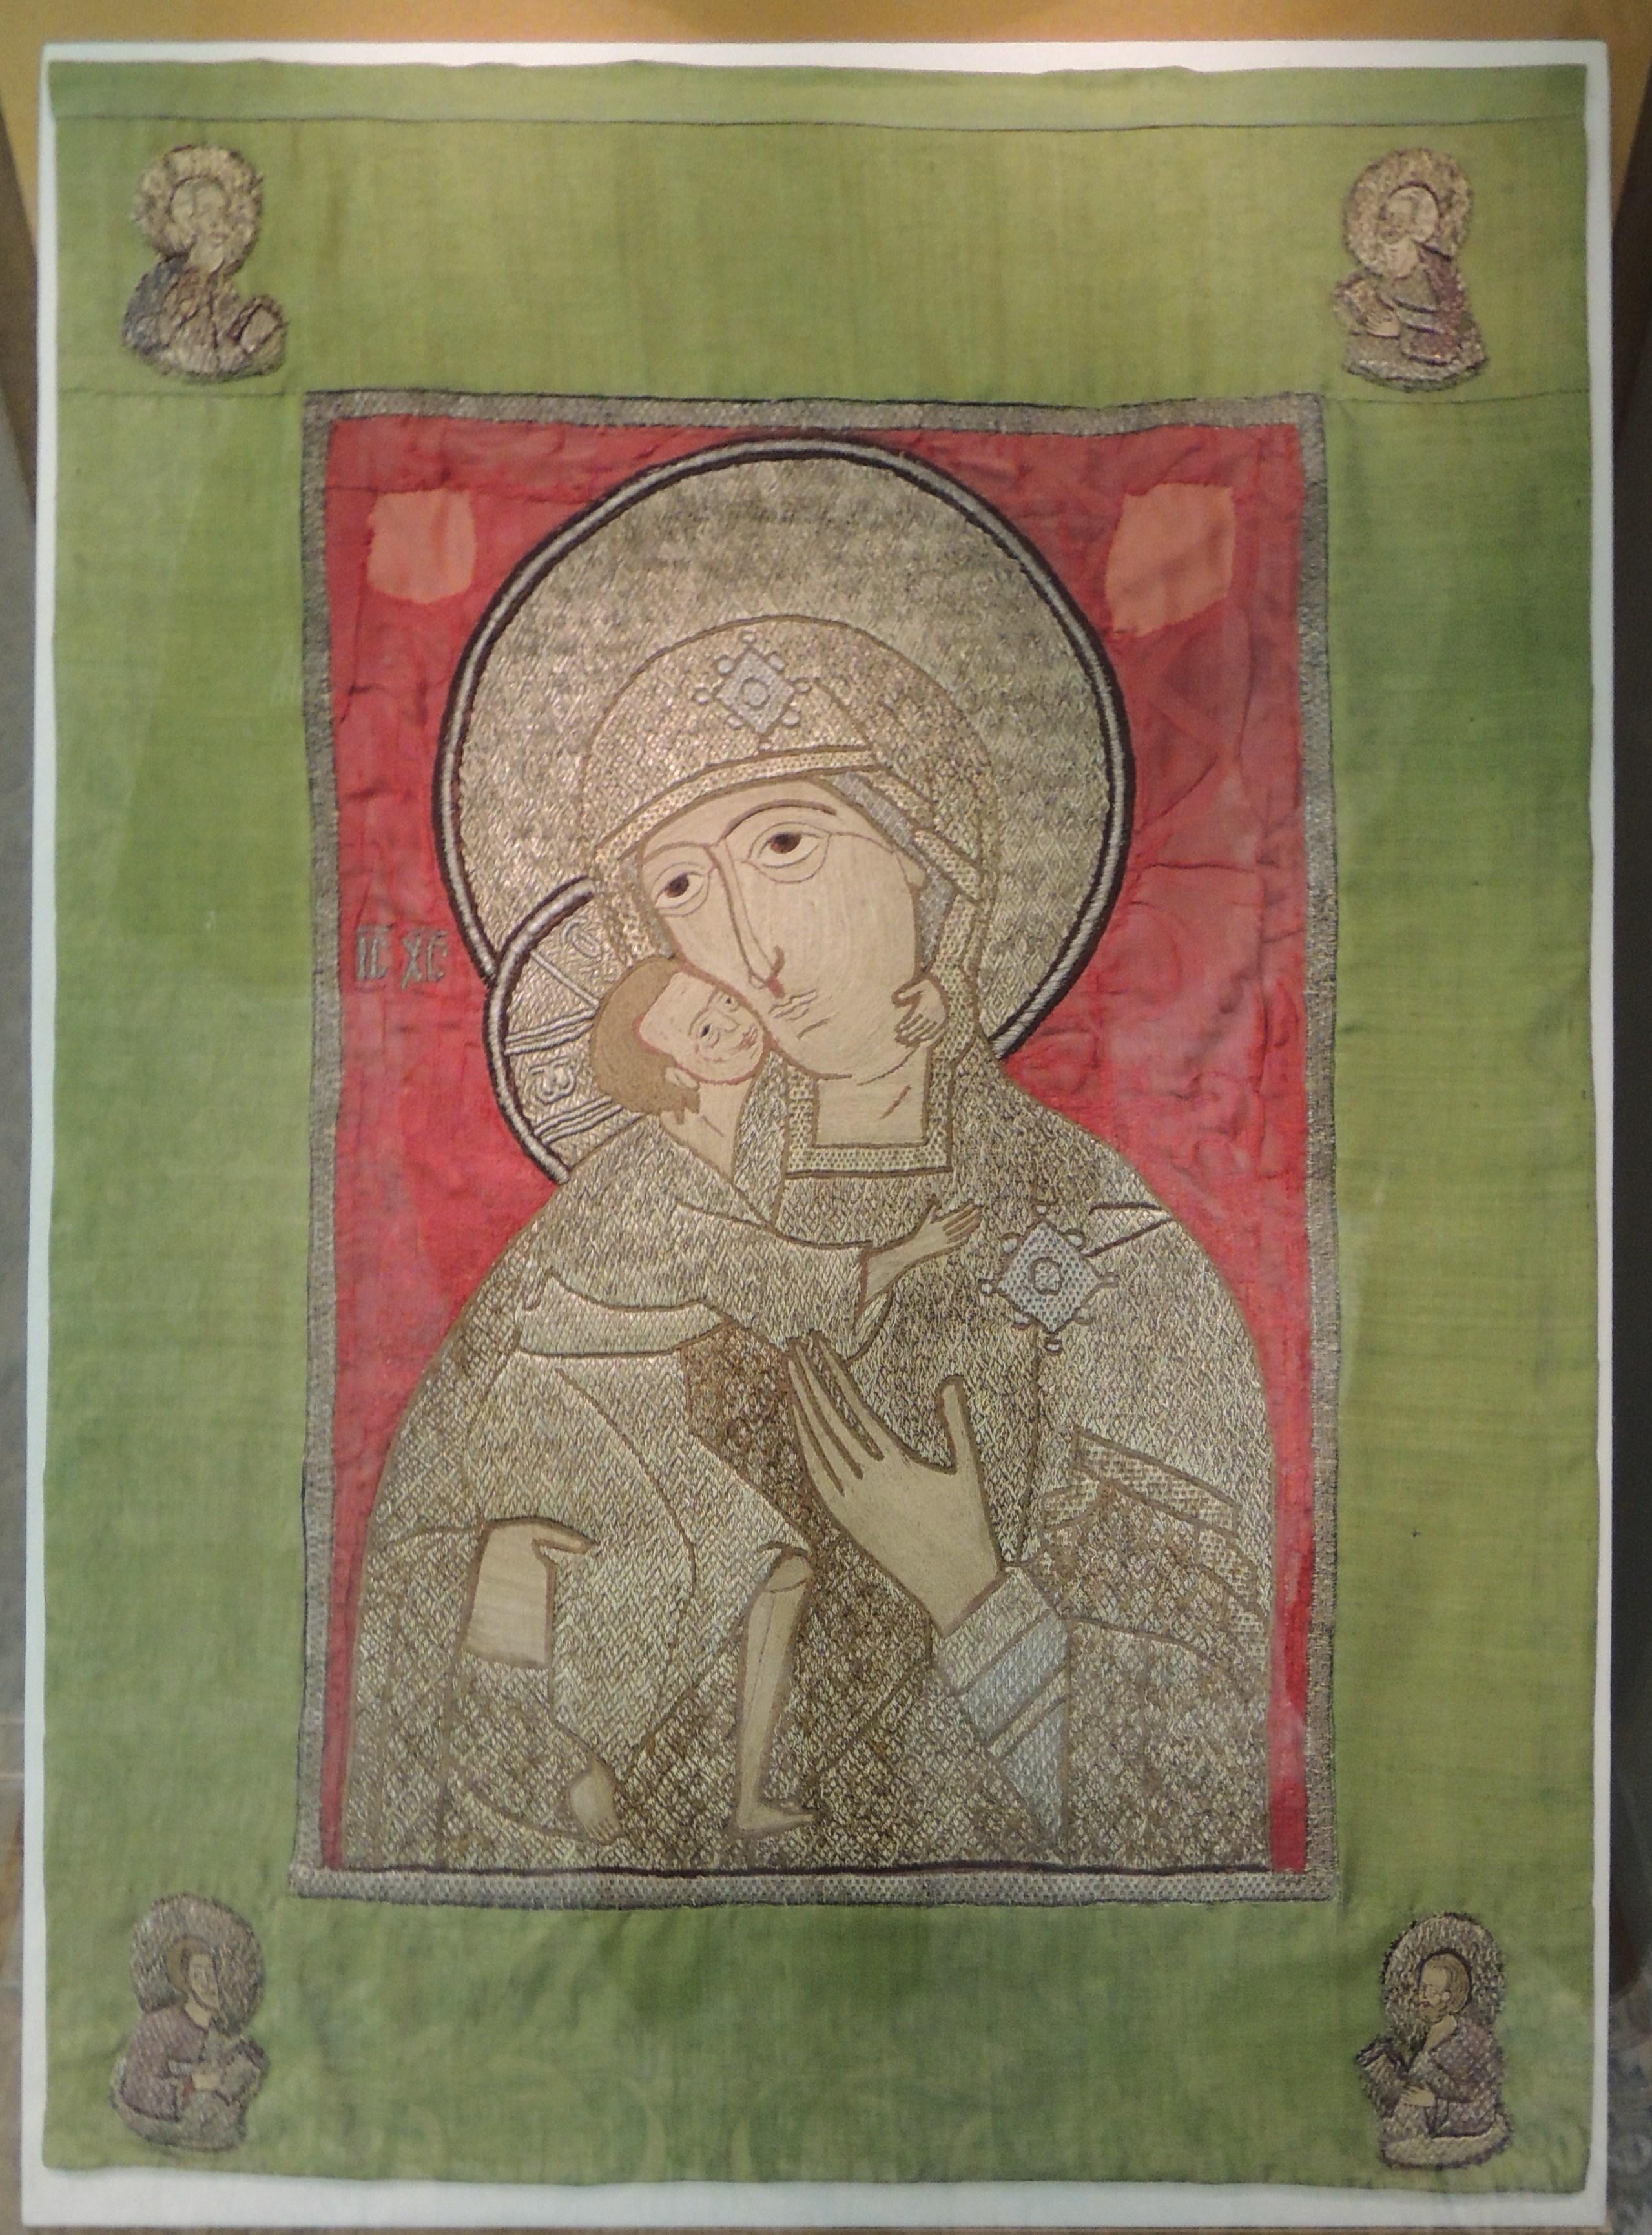 Пелена «Богоматерь Феодоровская», которая считается вкладом старицы Марфы, матери царя Михаила Федоровича, в Ипатьевский монастырь